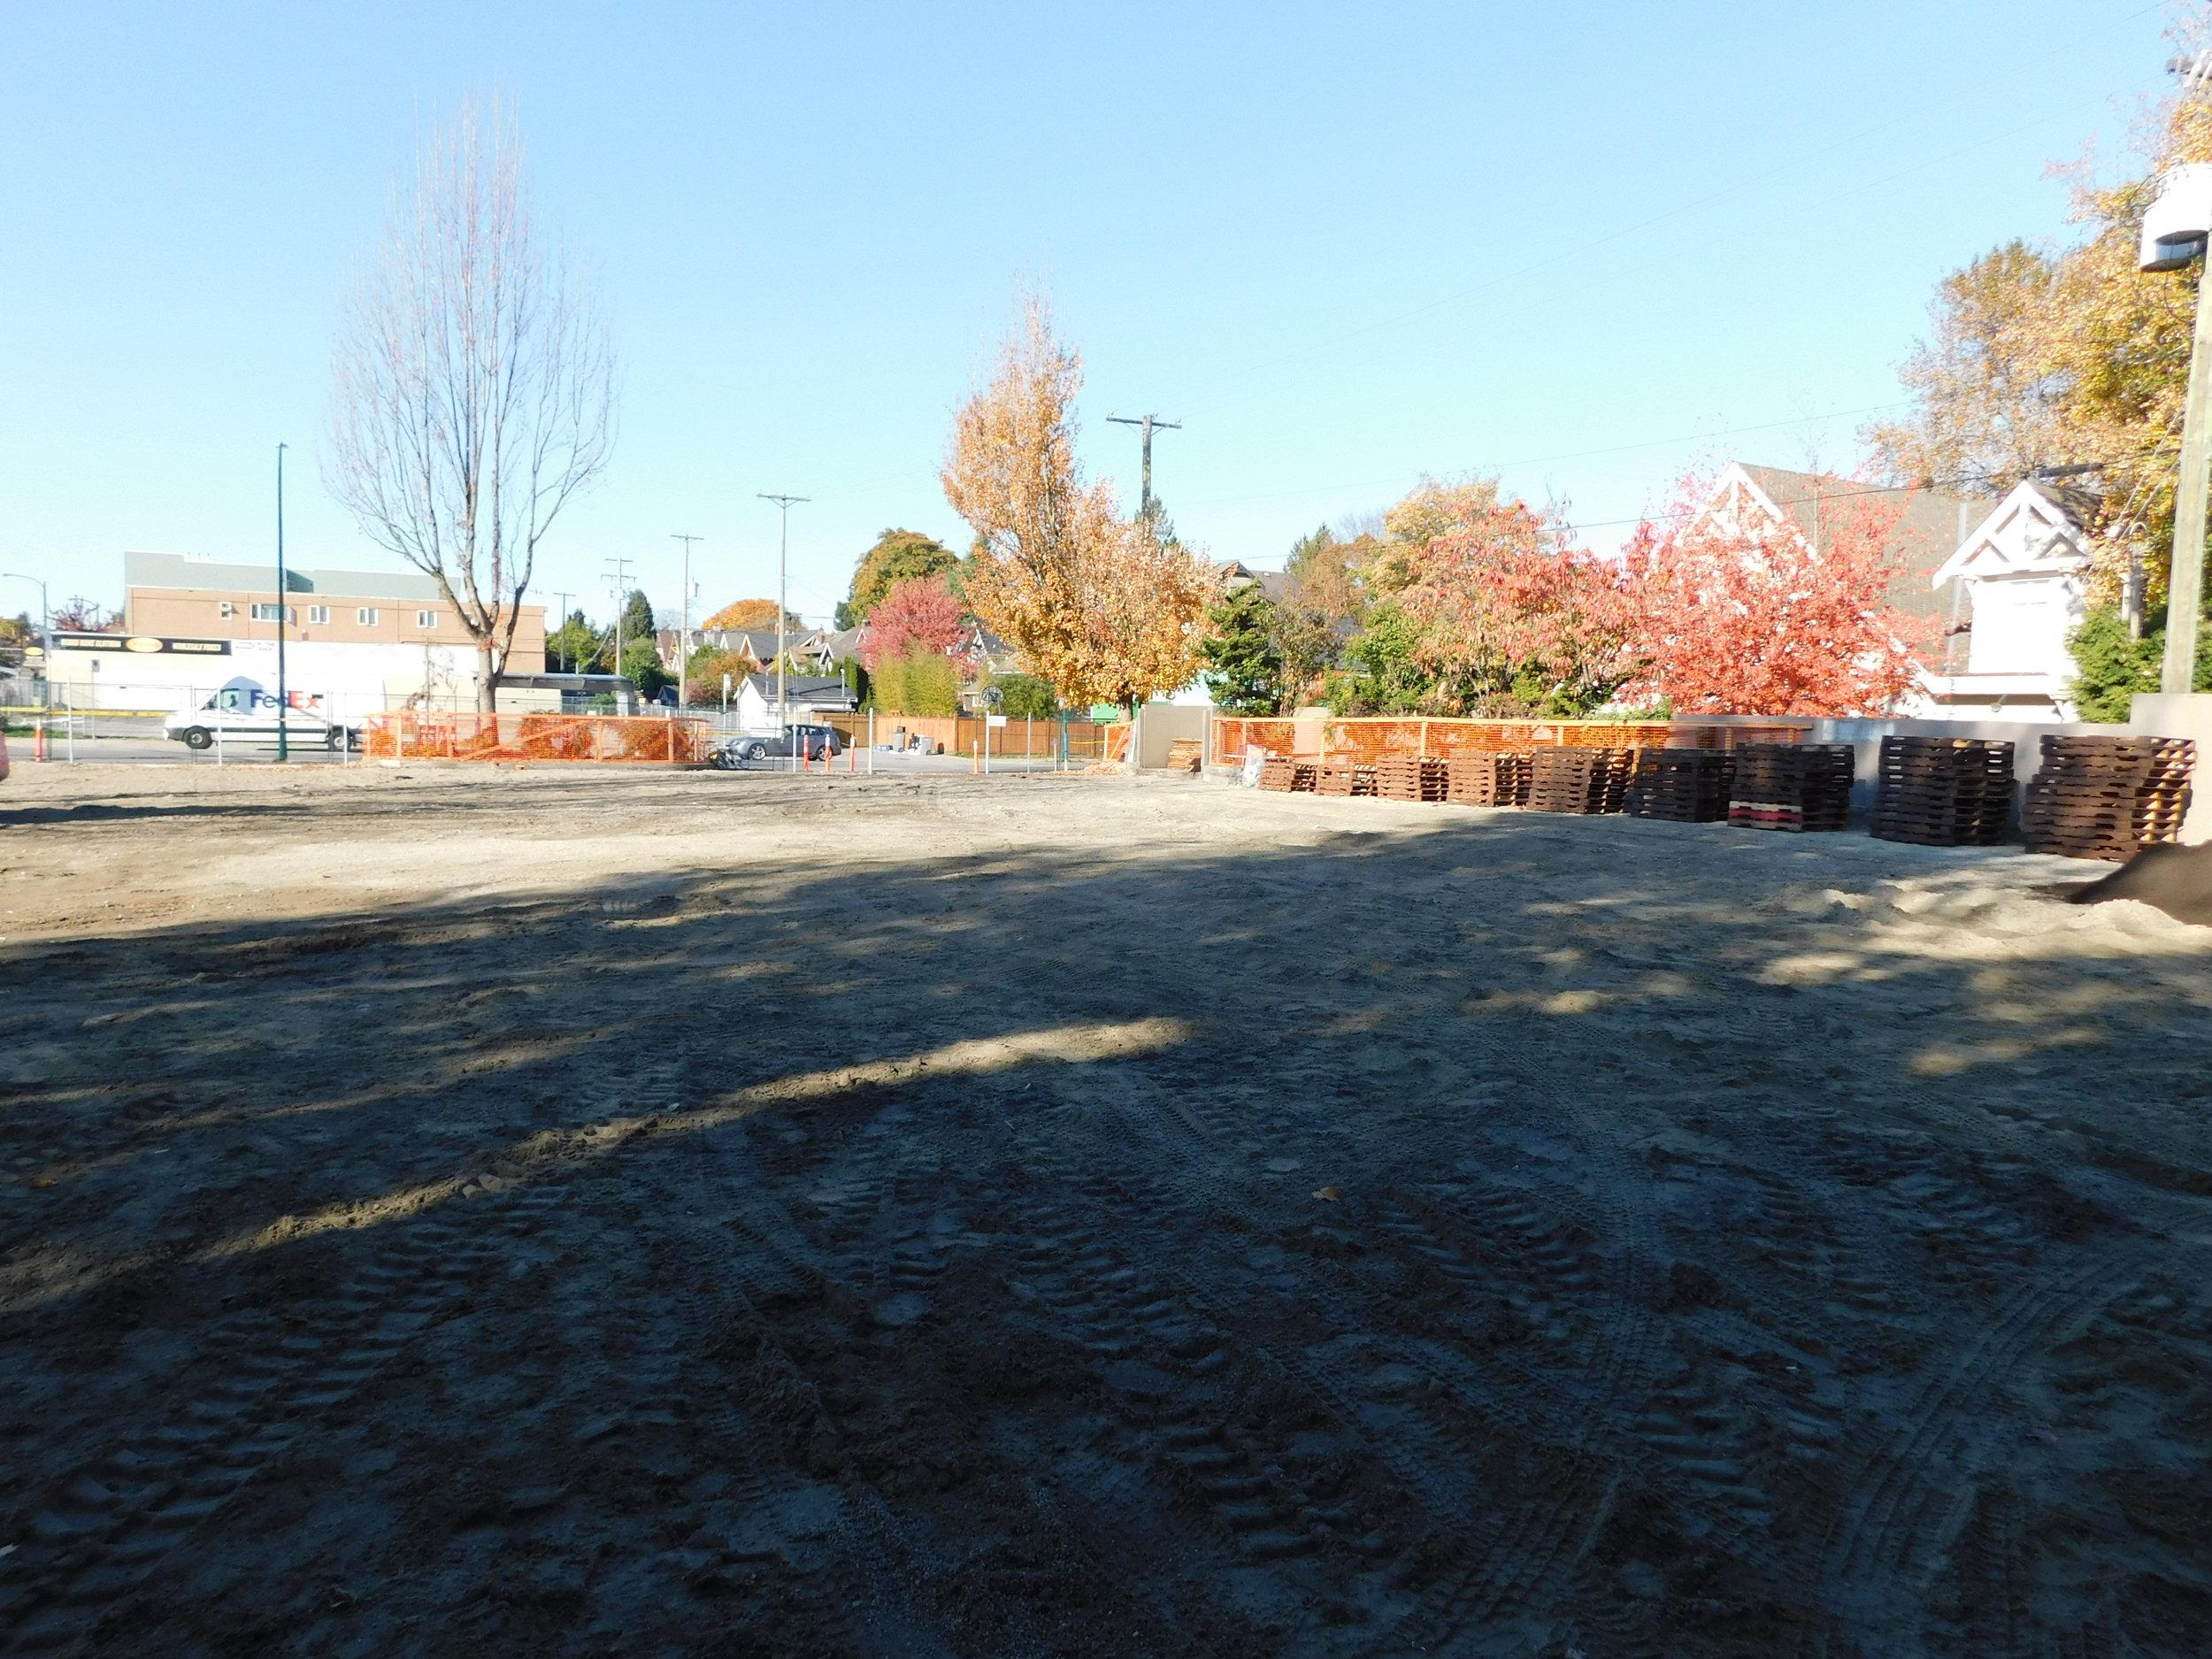 4th_Macdonald_Vancouver_Community_Garden_Builders-0001.JPG